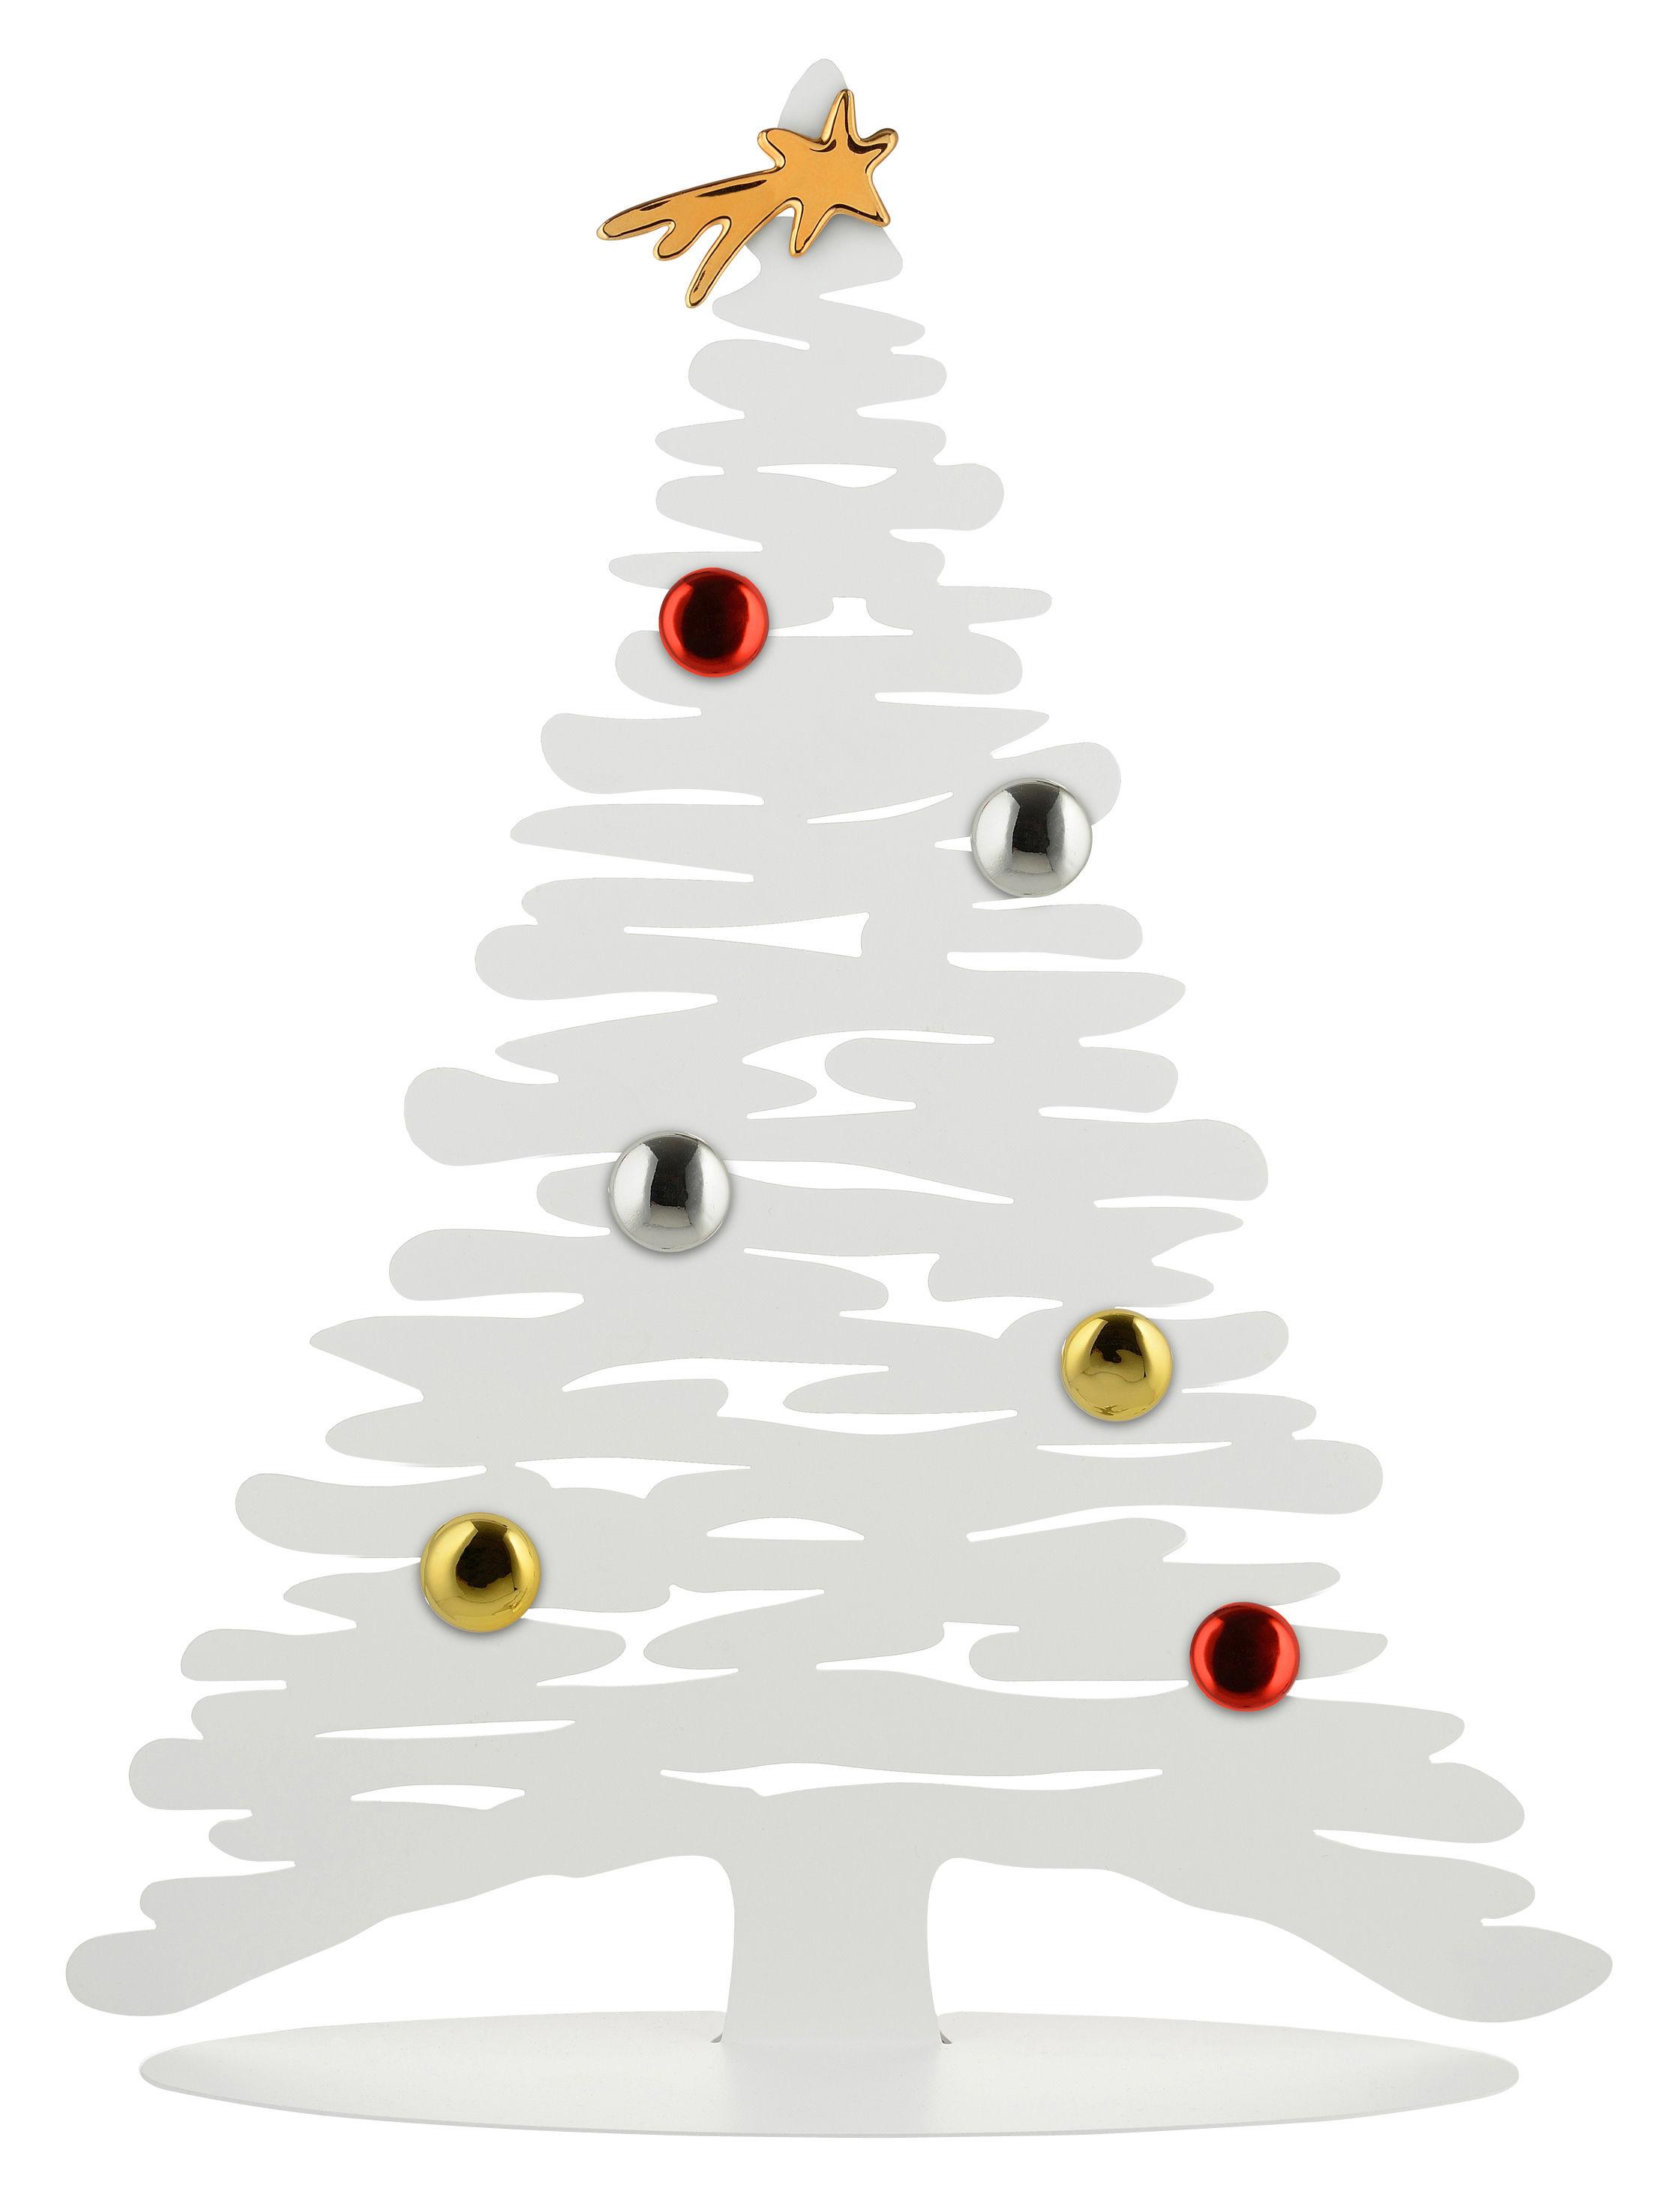 Déco - Objets déco et cadres-photos - Décoration Bark Tree / Sapin avec aimants colorés - H 45 cm - Alessi - Blanc - Acier, Porcelaine